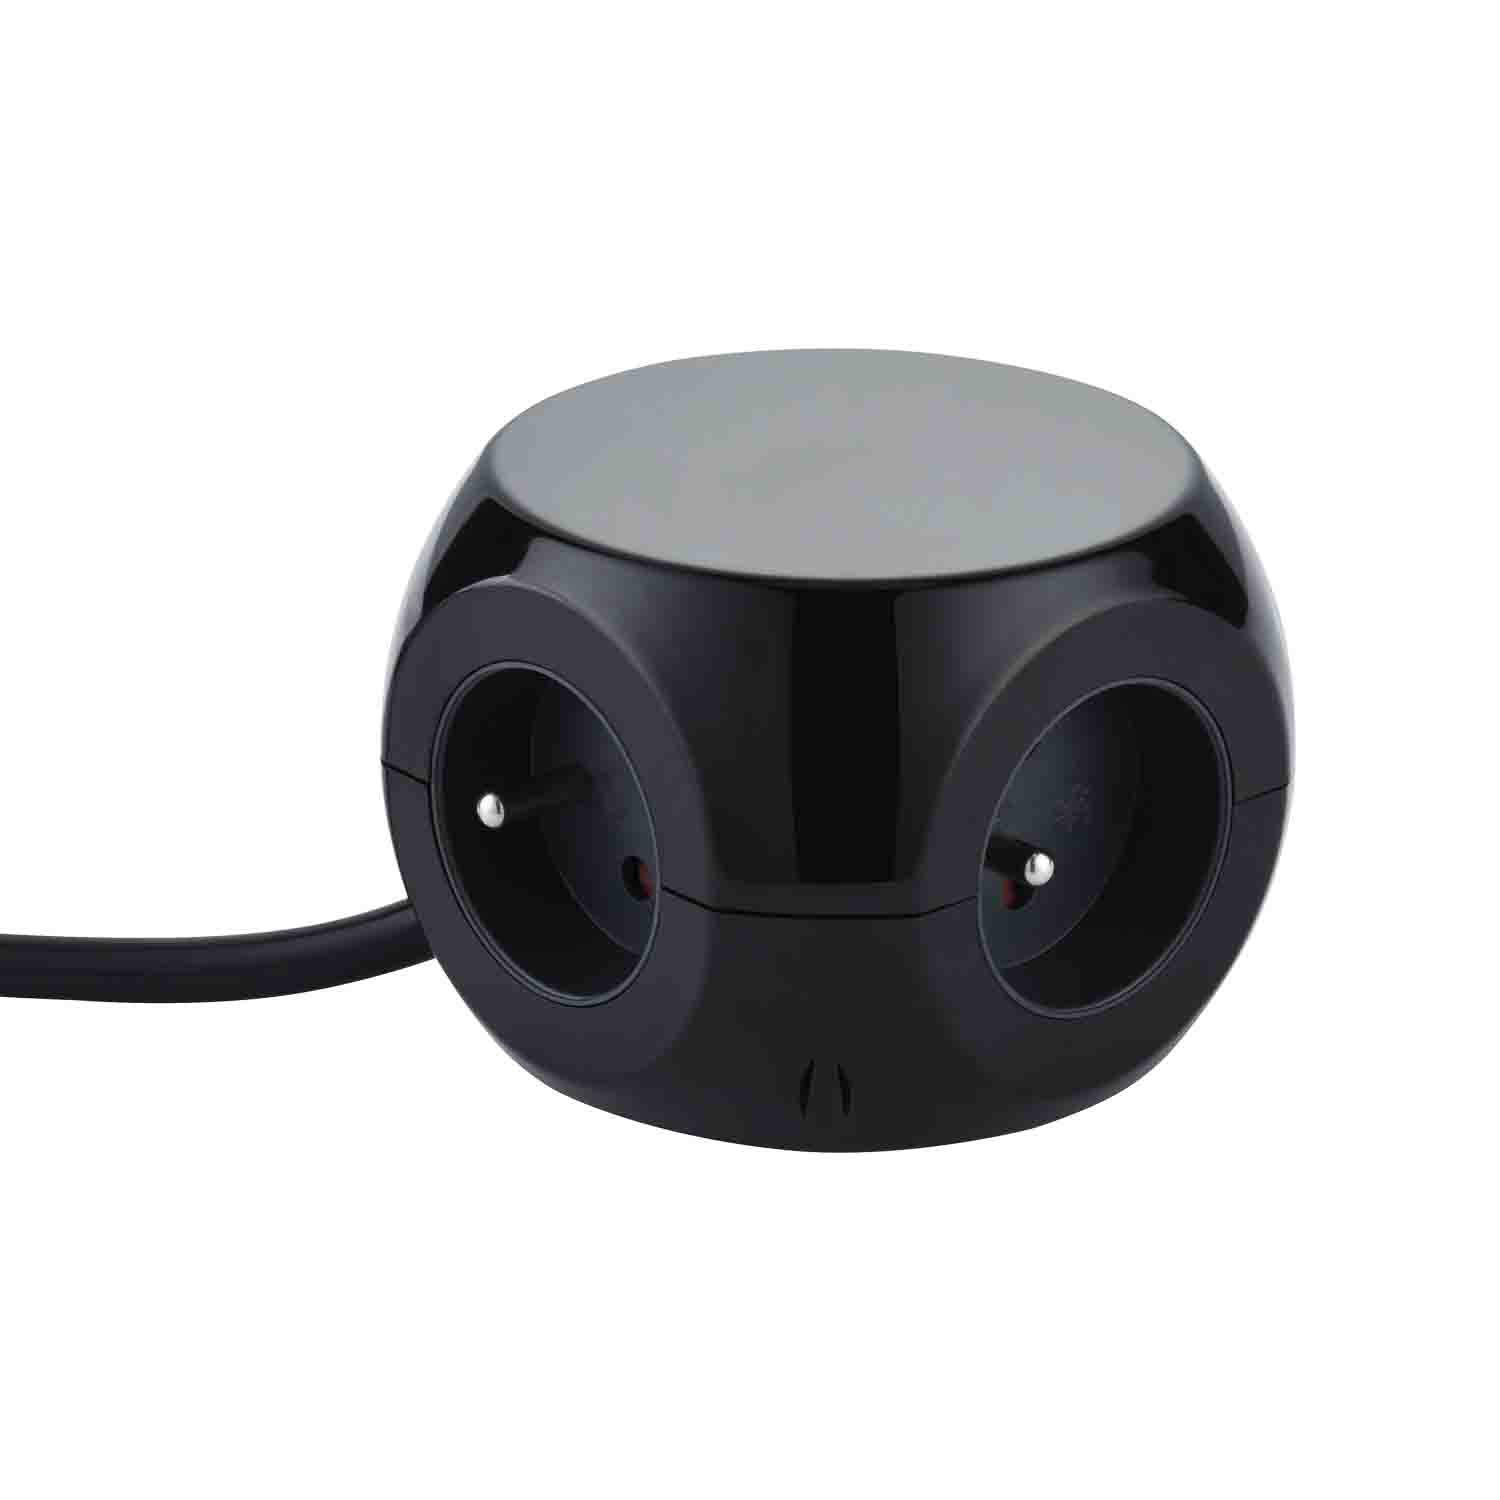 Electraline 35441 Mini Cube avec 3 Ports USB 2.4A Rallonge Multiprise 3M Bloc 3 Prises avec Interrupteur Noir